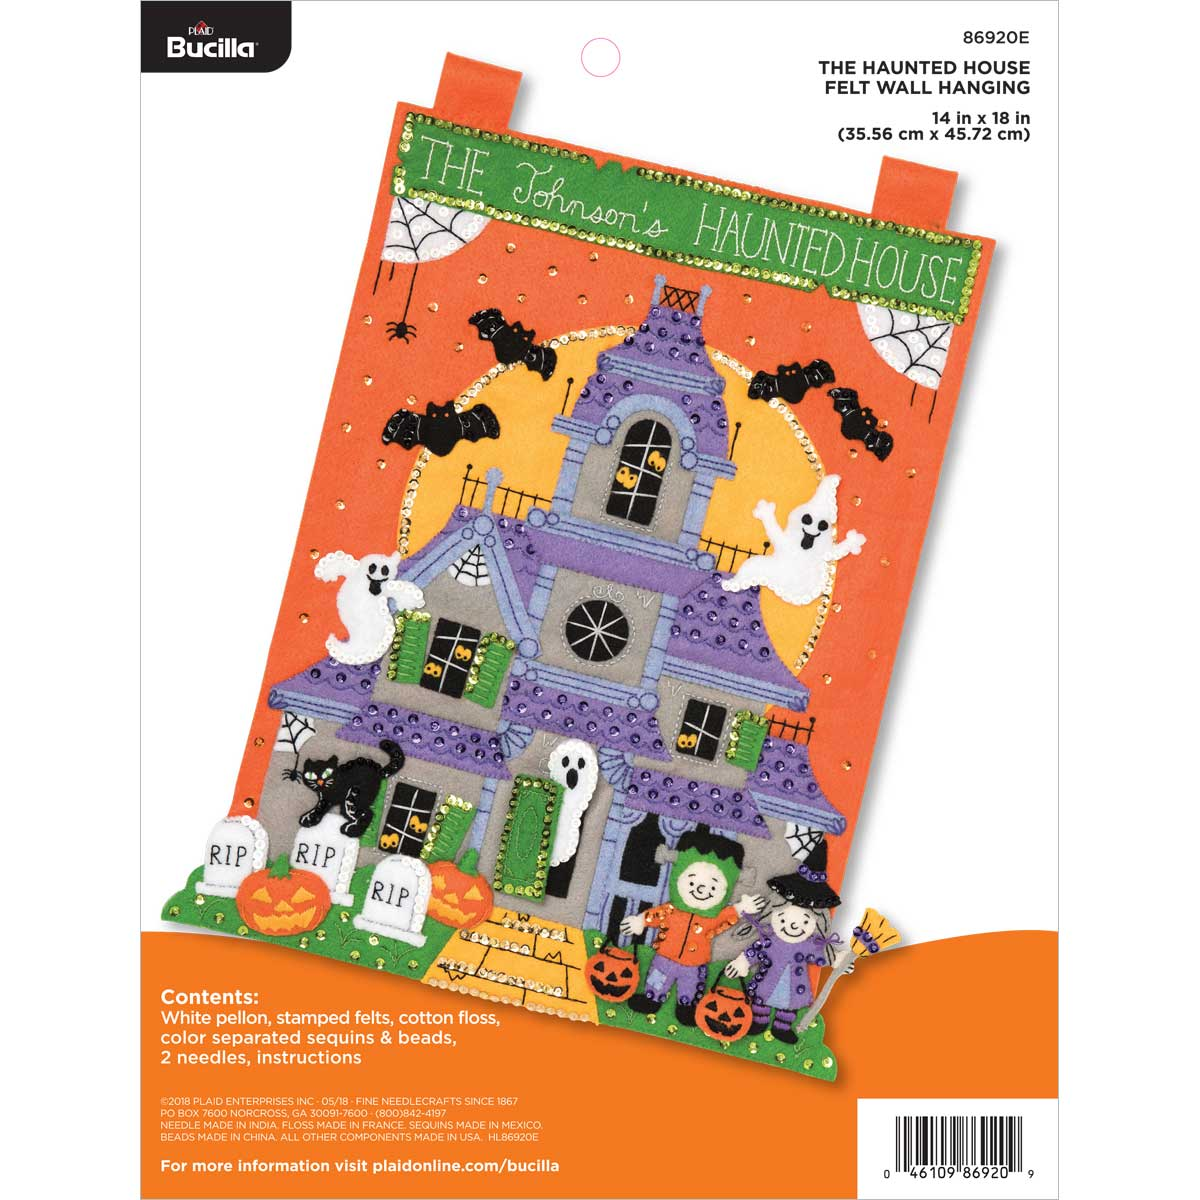 Bucilla ® Seasonal - Felt - Home Decor - The Haunted House Wall Hanging - 86920E